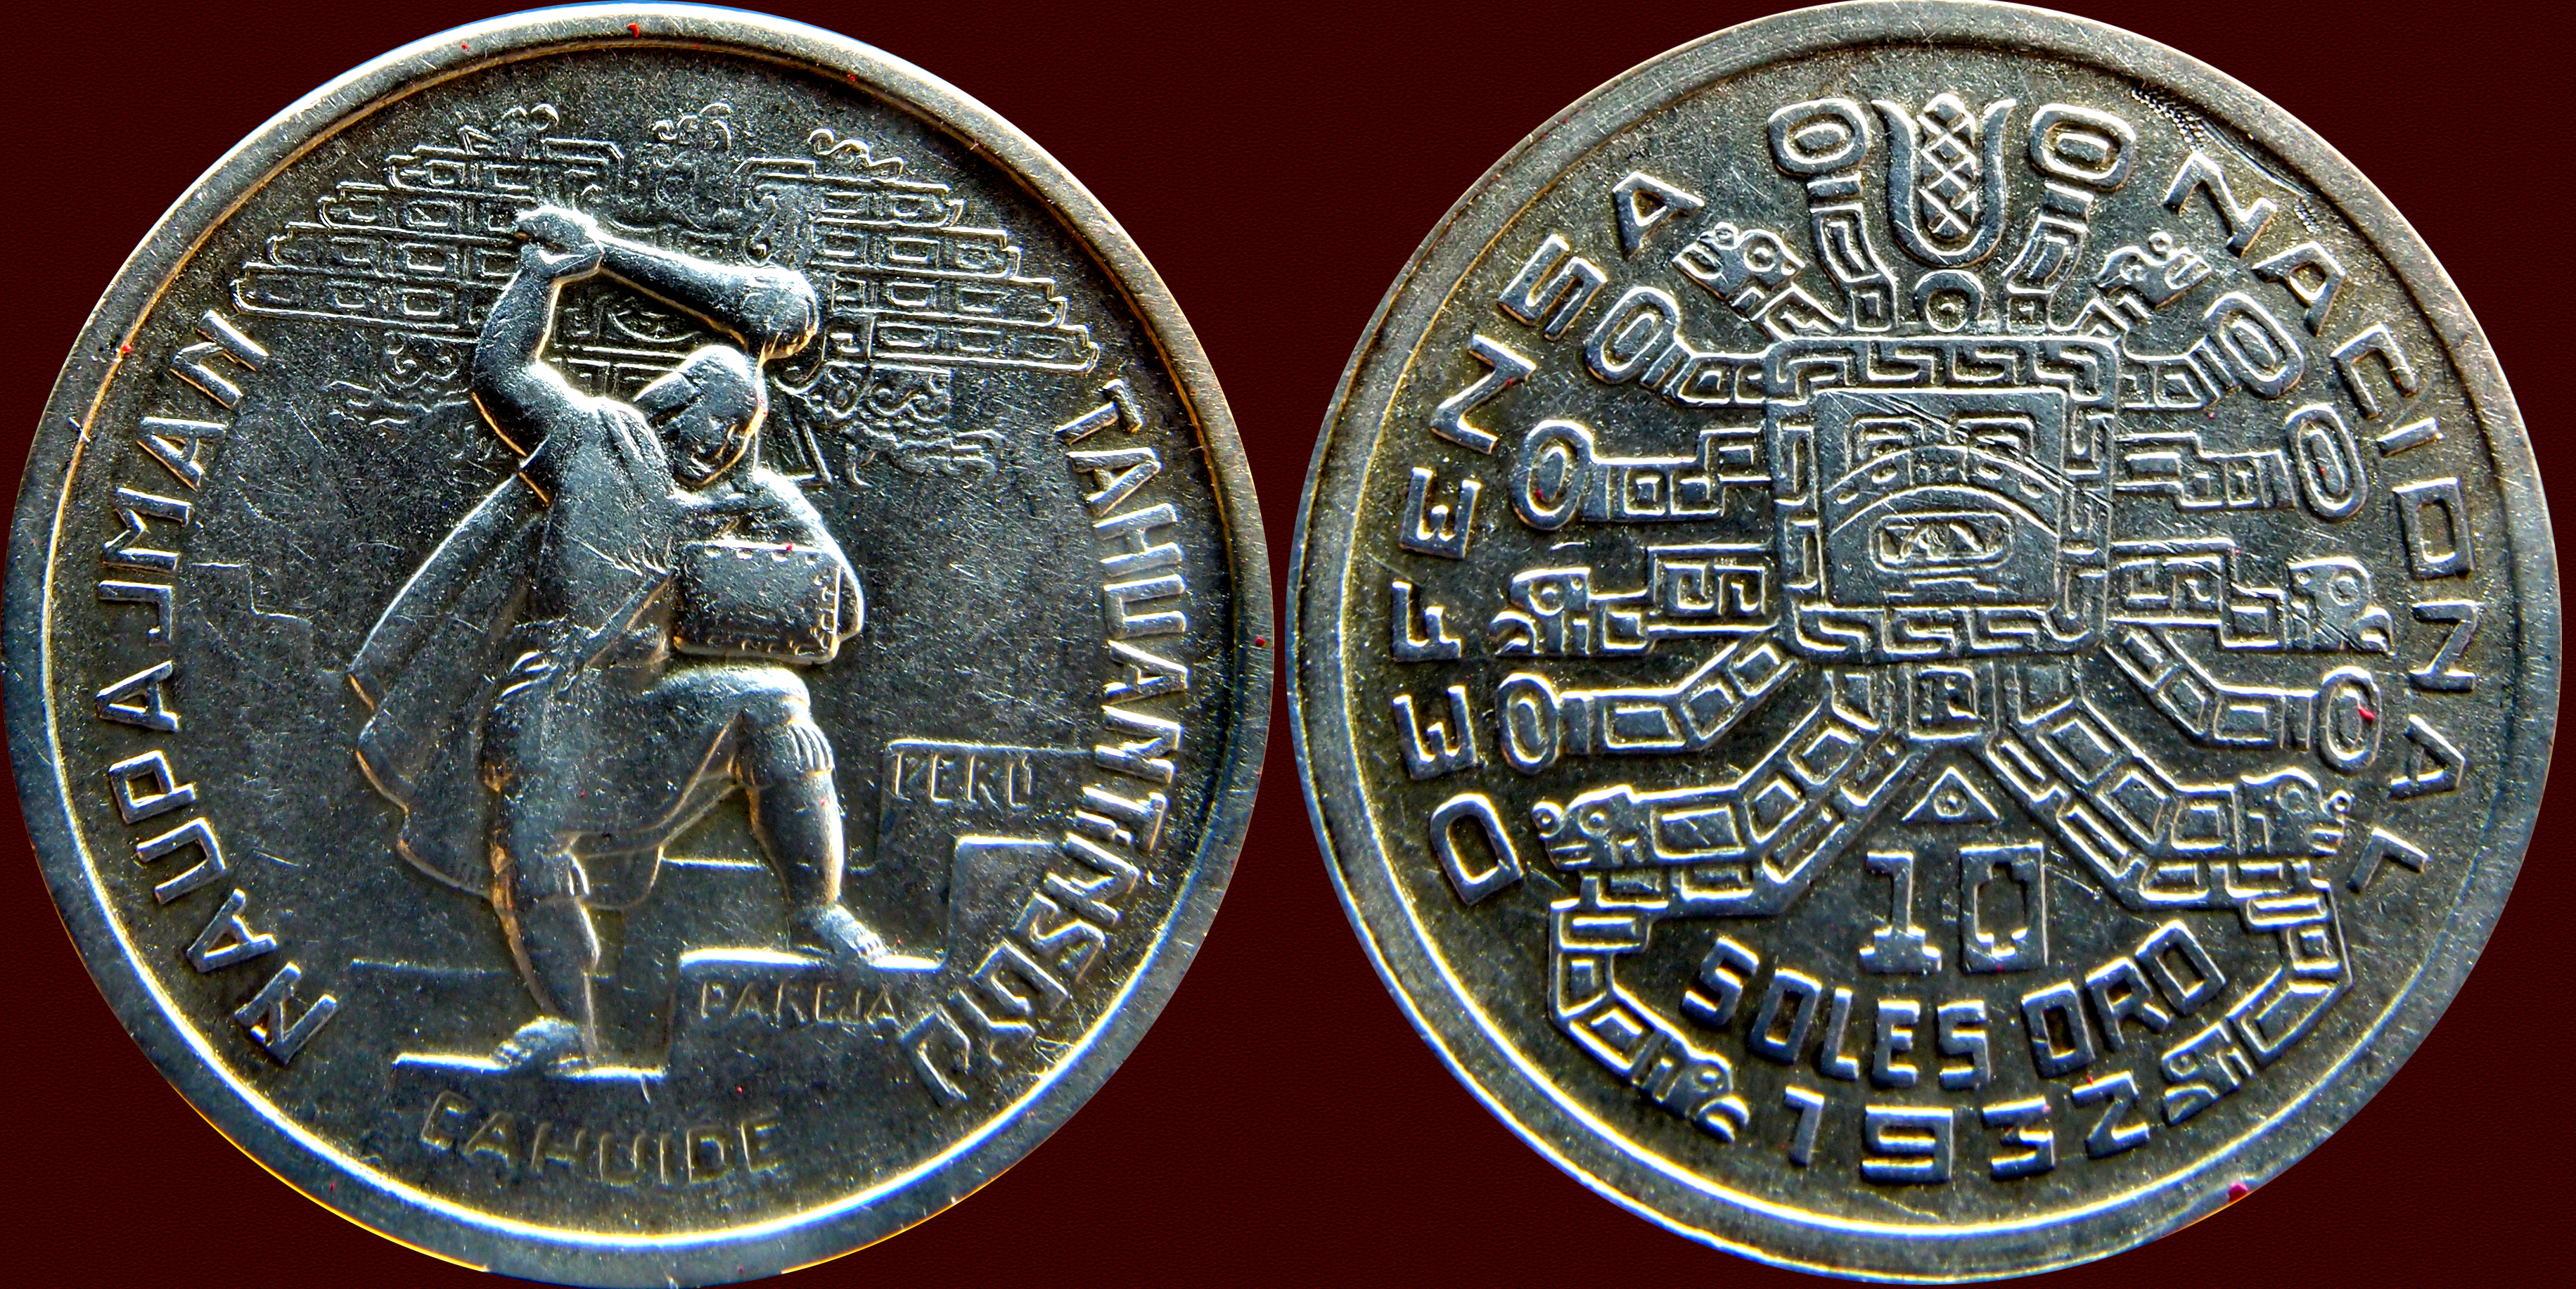 10 Soles de oro, Peru 1932. Óbolo de Defensa Nacional 13017760353_676cc28535_o